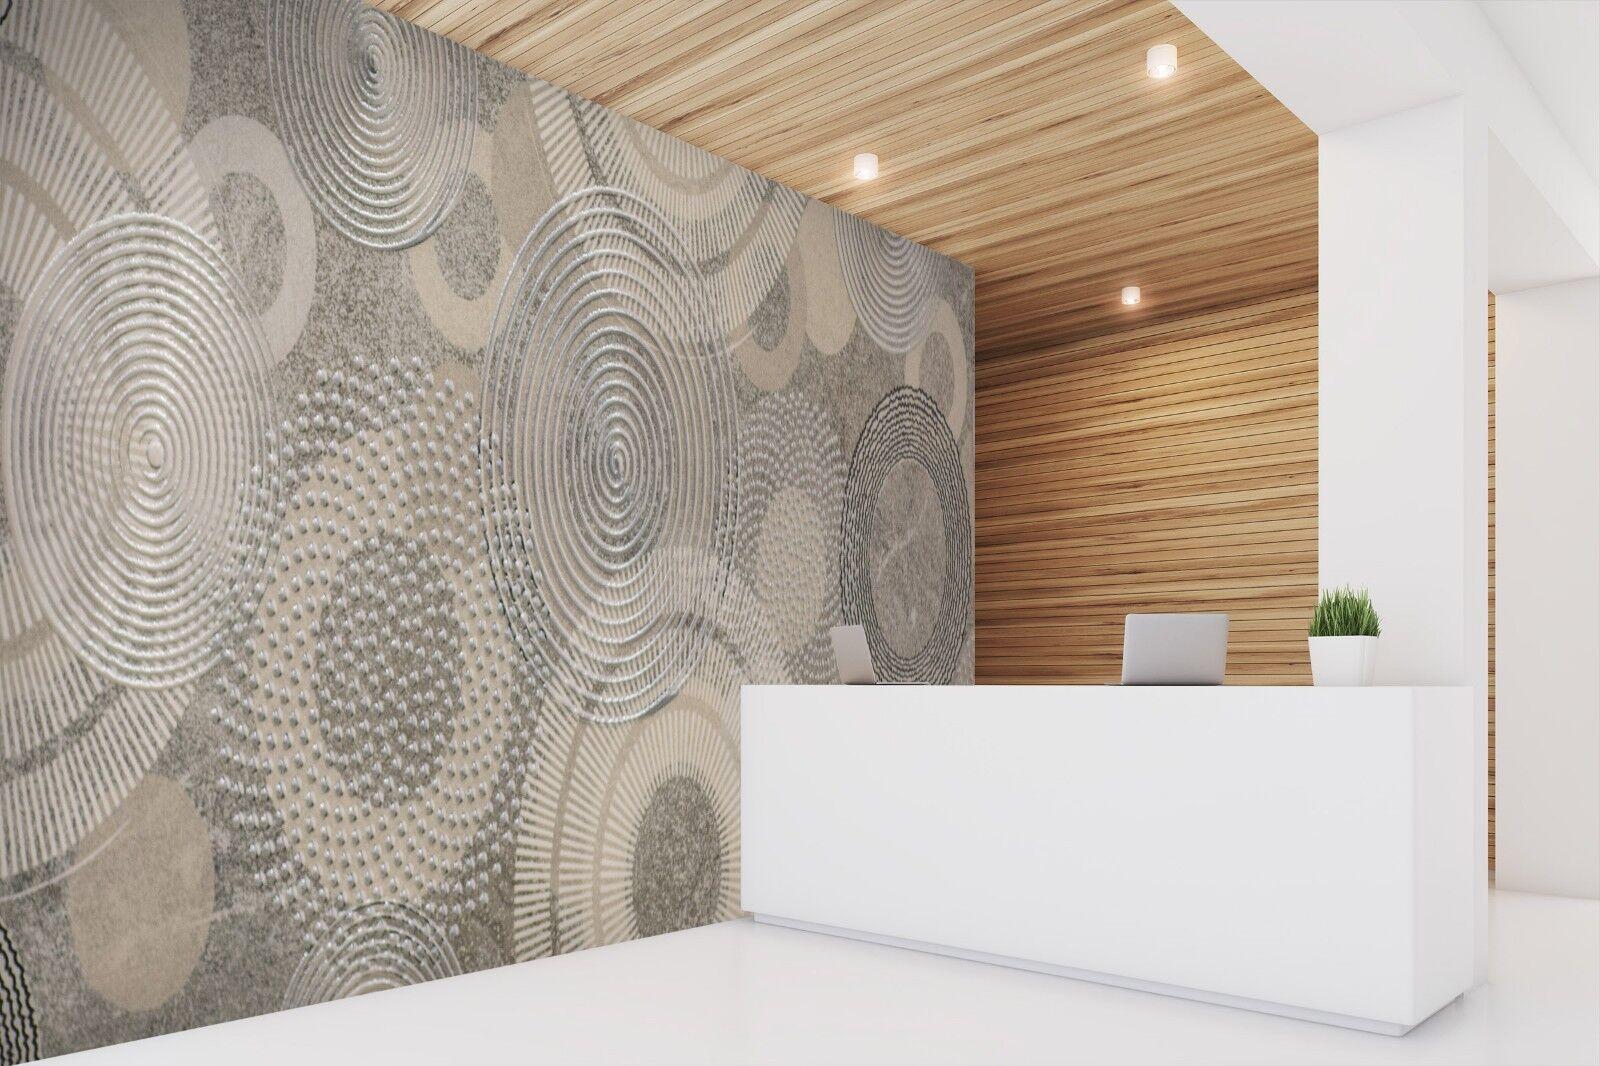 3D Punkt Muster 465 Textur Fliesen Marmor Tapeten Tapete Wandbild AJ